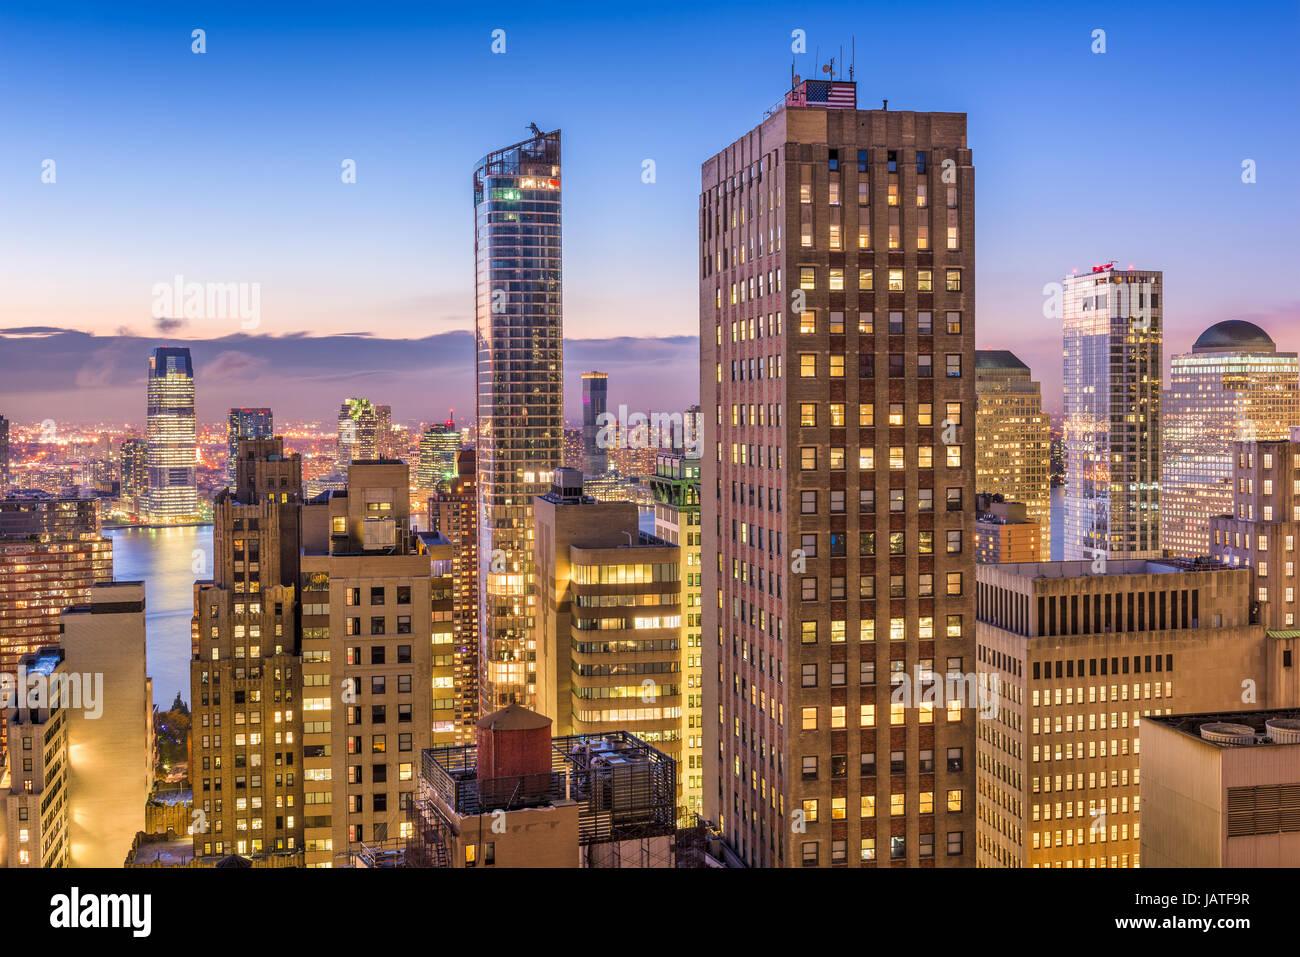 El distrito financiero de la ciudad de Nueva York ciudad. Imagen De Stock